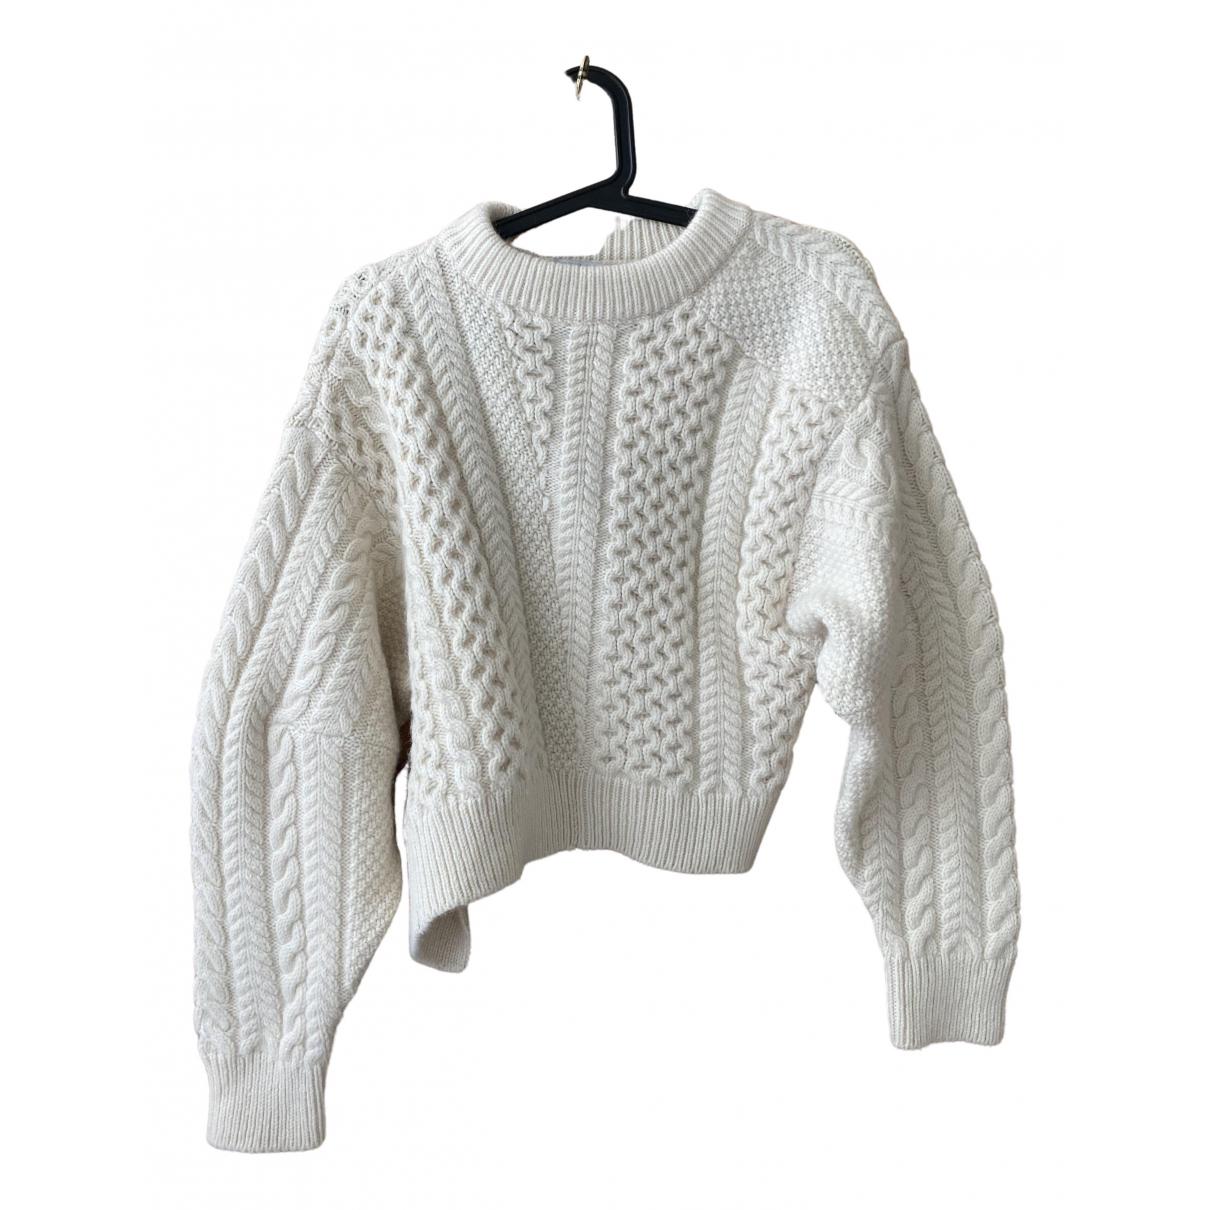 Stella Mccartney N Ecru Wool Knitwear for Women 34 FR